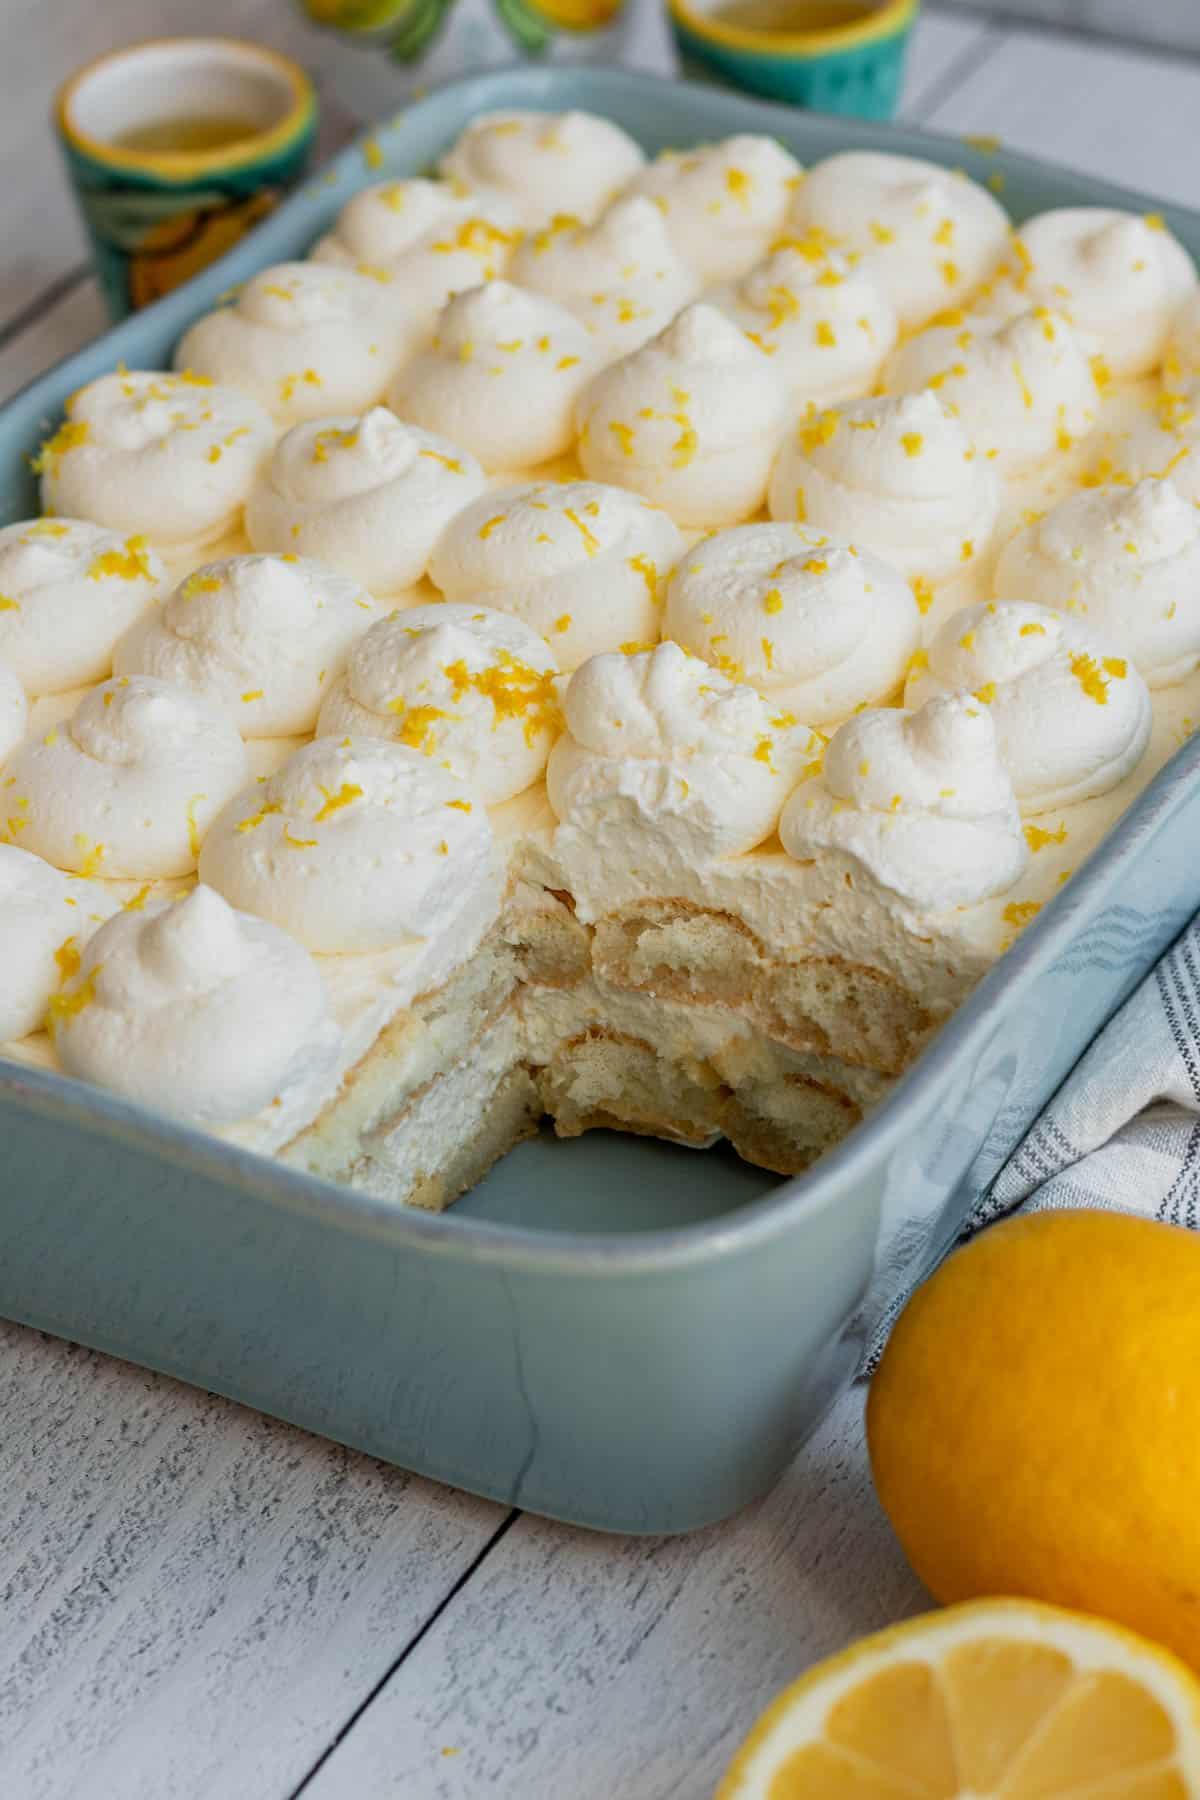 blue baking dish with layers of ladyfingers and lemon mascarpone with lemons to side of baking dish